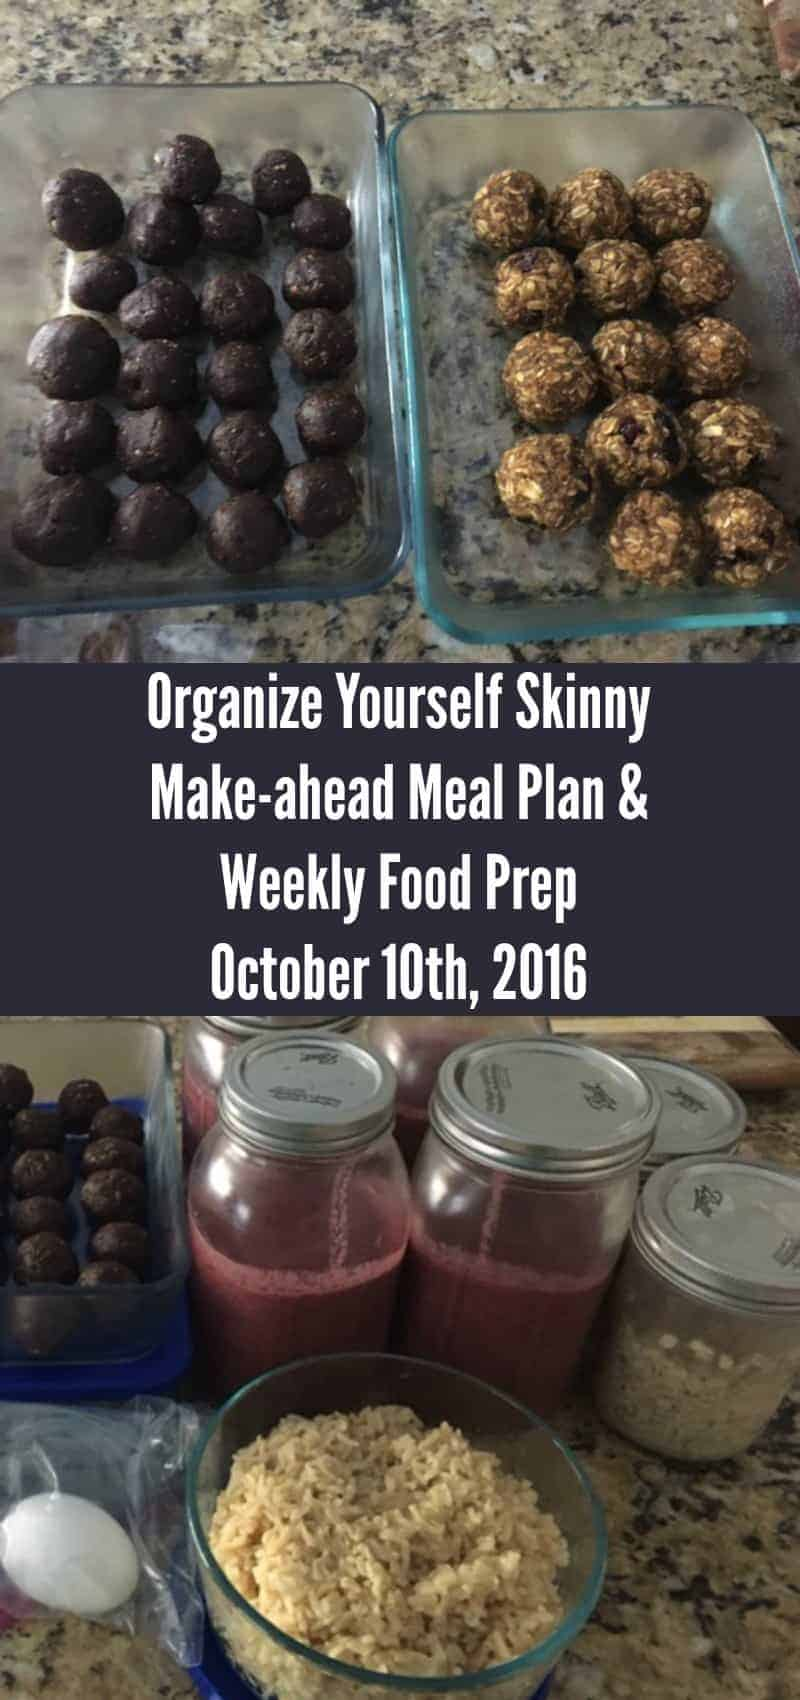 Make-ahead Meal Plan weekly Food Prep October 10th 2016